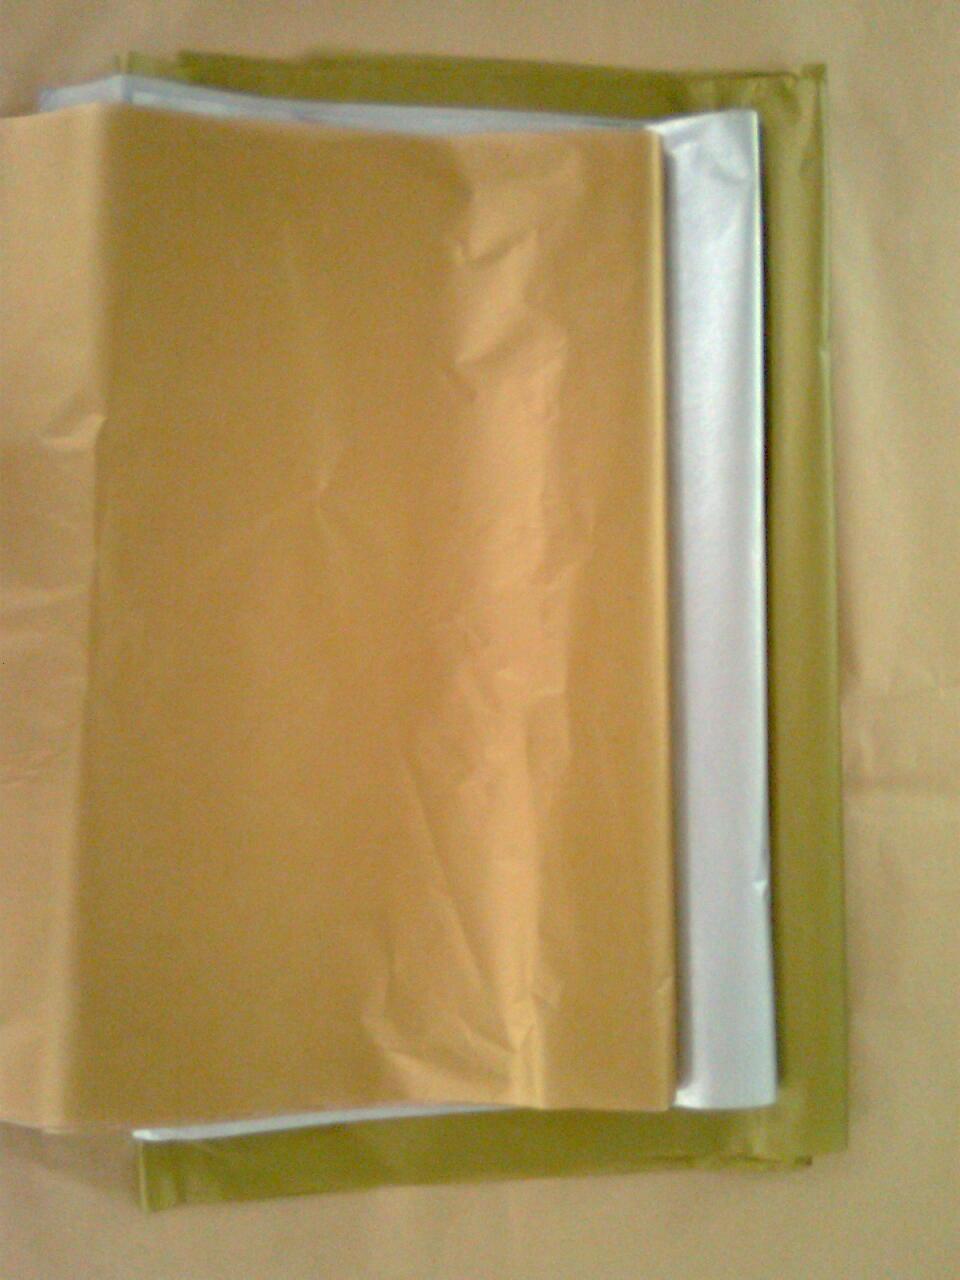 供应金色拷贝纸银色拷贝纸拷贝纸印